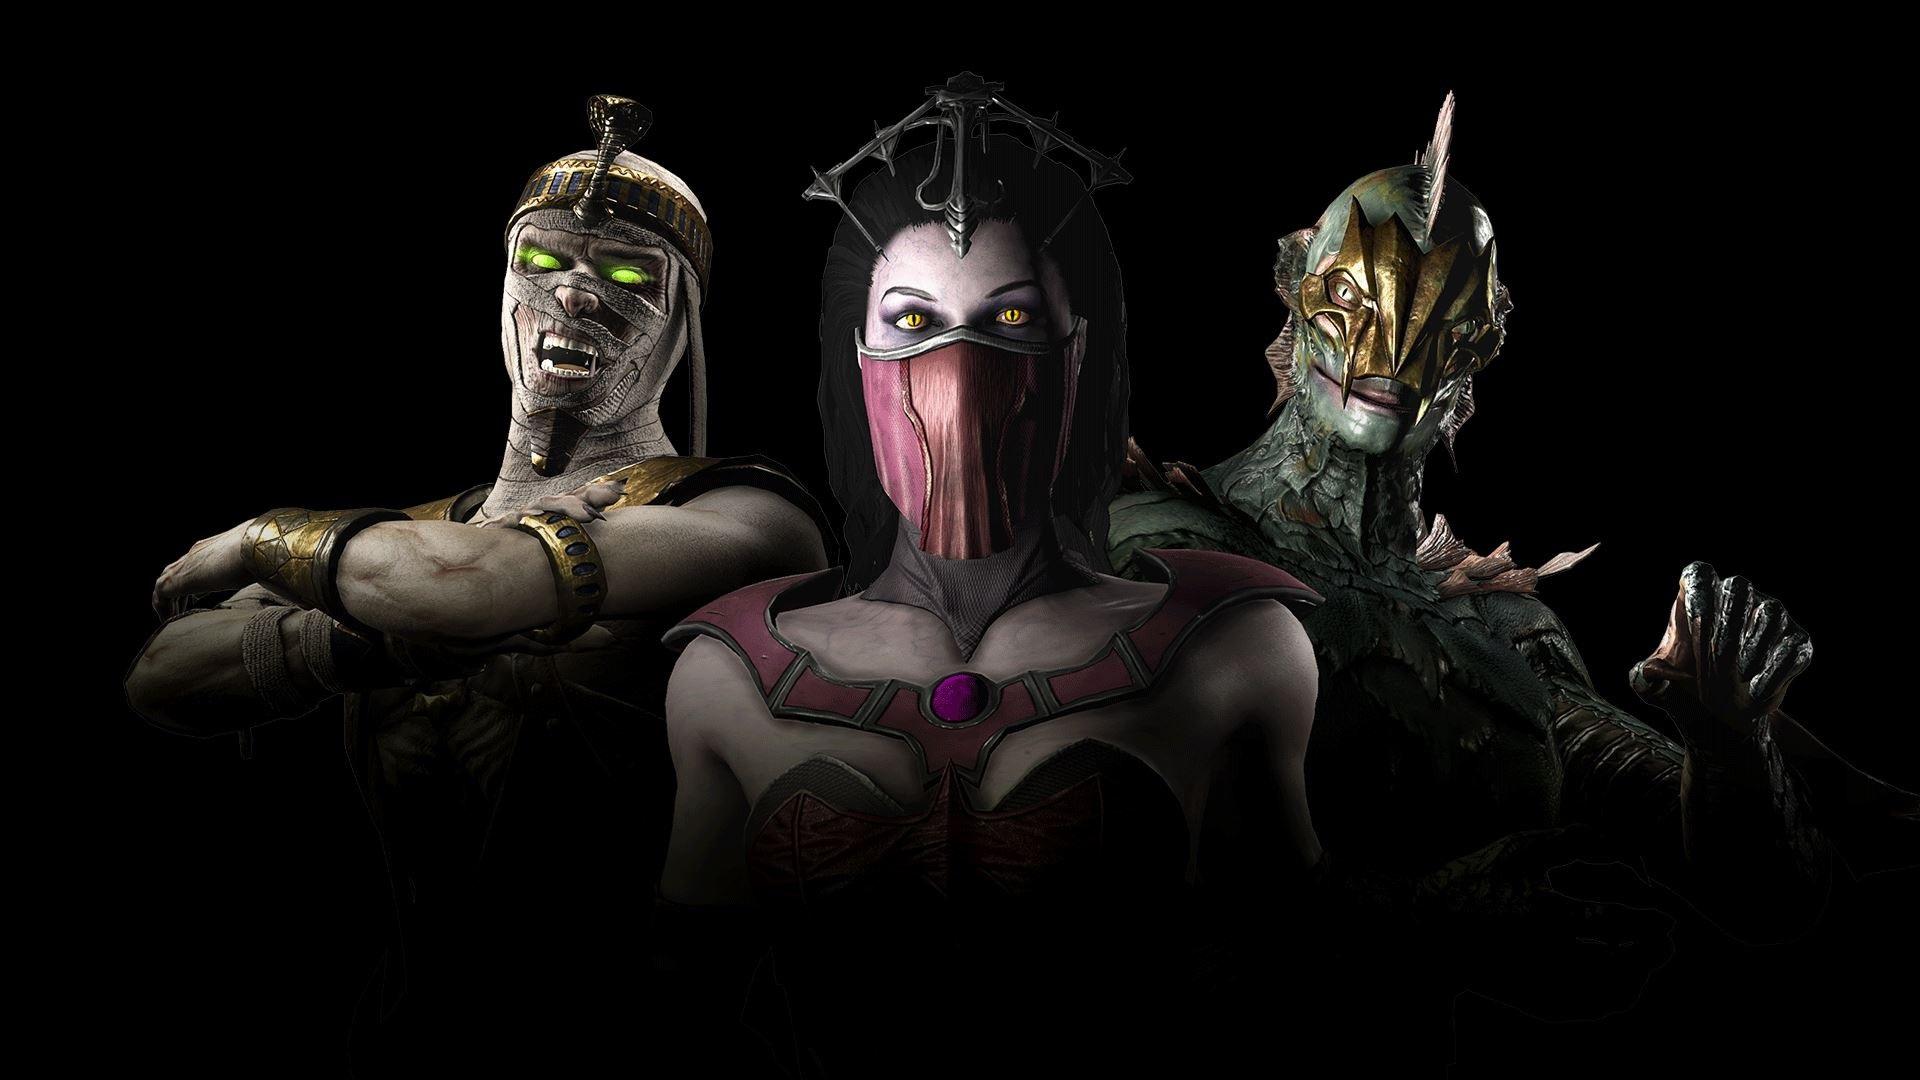 Wallpaper Mortal Kombat X Xbox Games 1920x1080 Full Hd 2k Picture